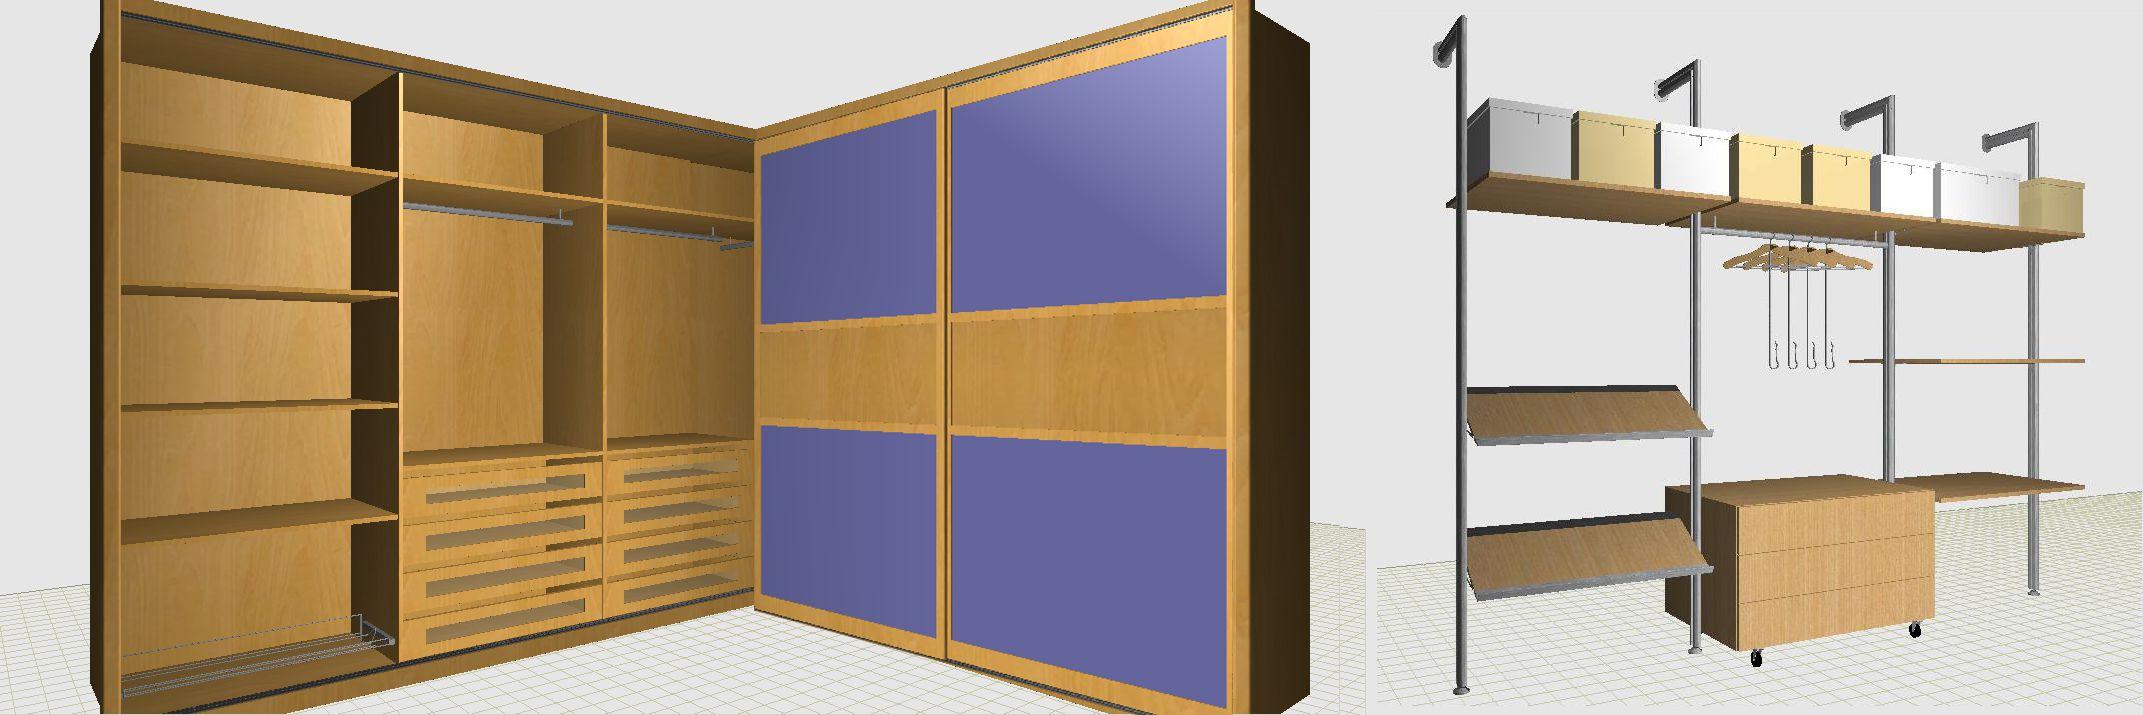 Autoclosets productos caracter sticas de autoclosets Diseno de interiores 3d data becker windows 7